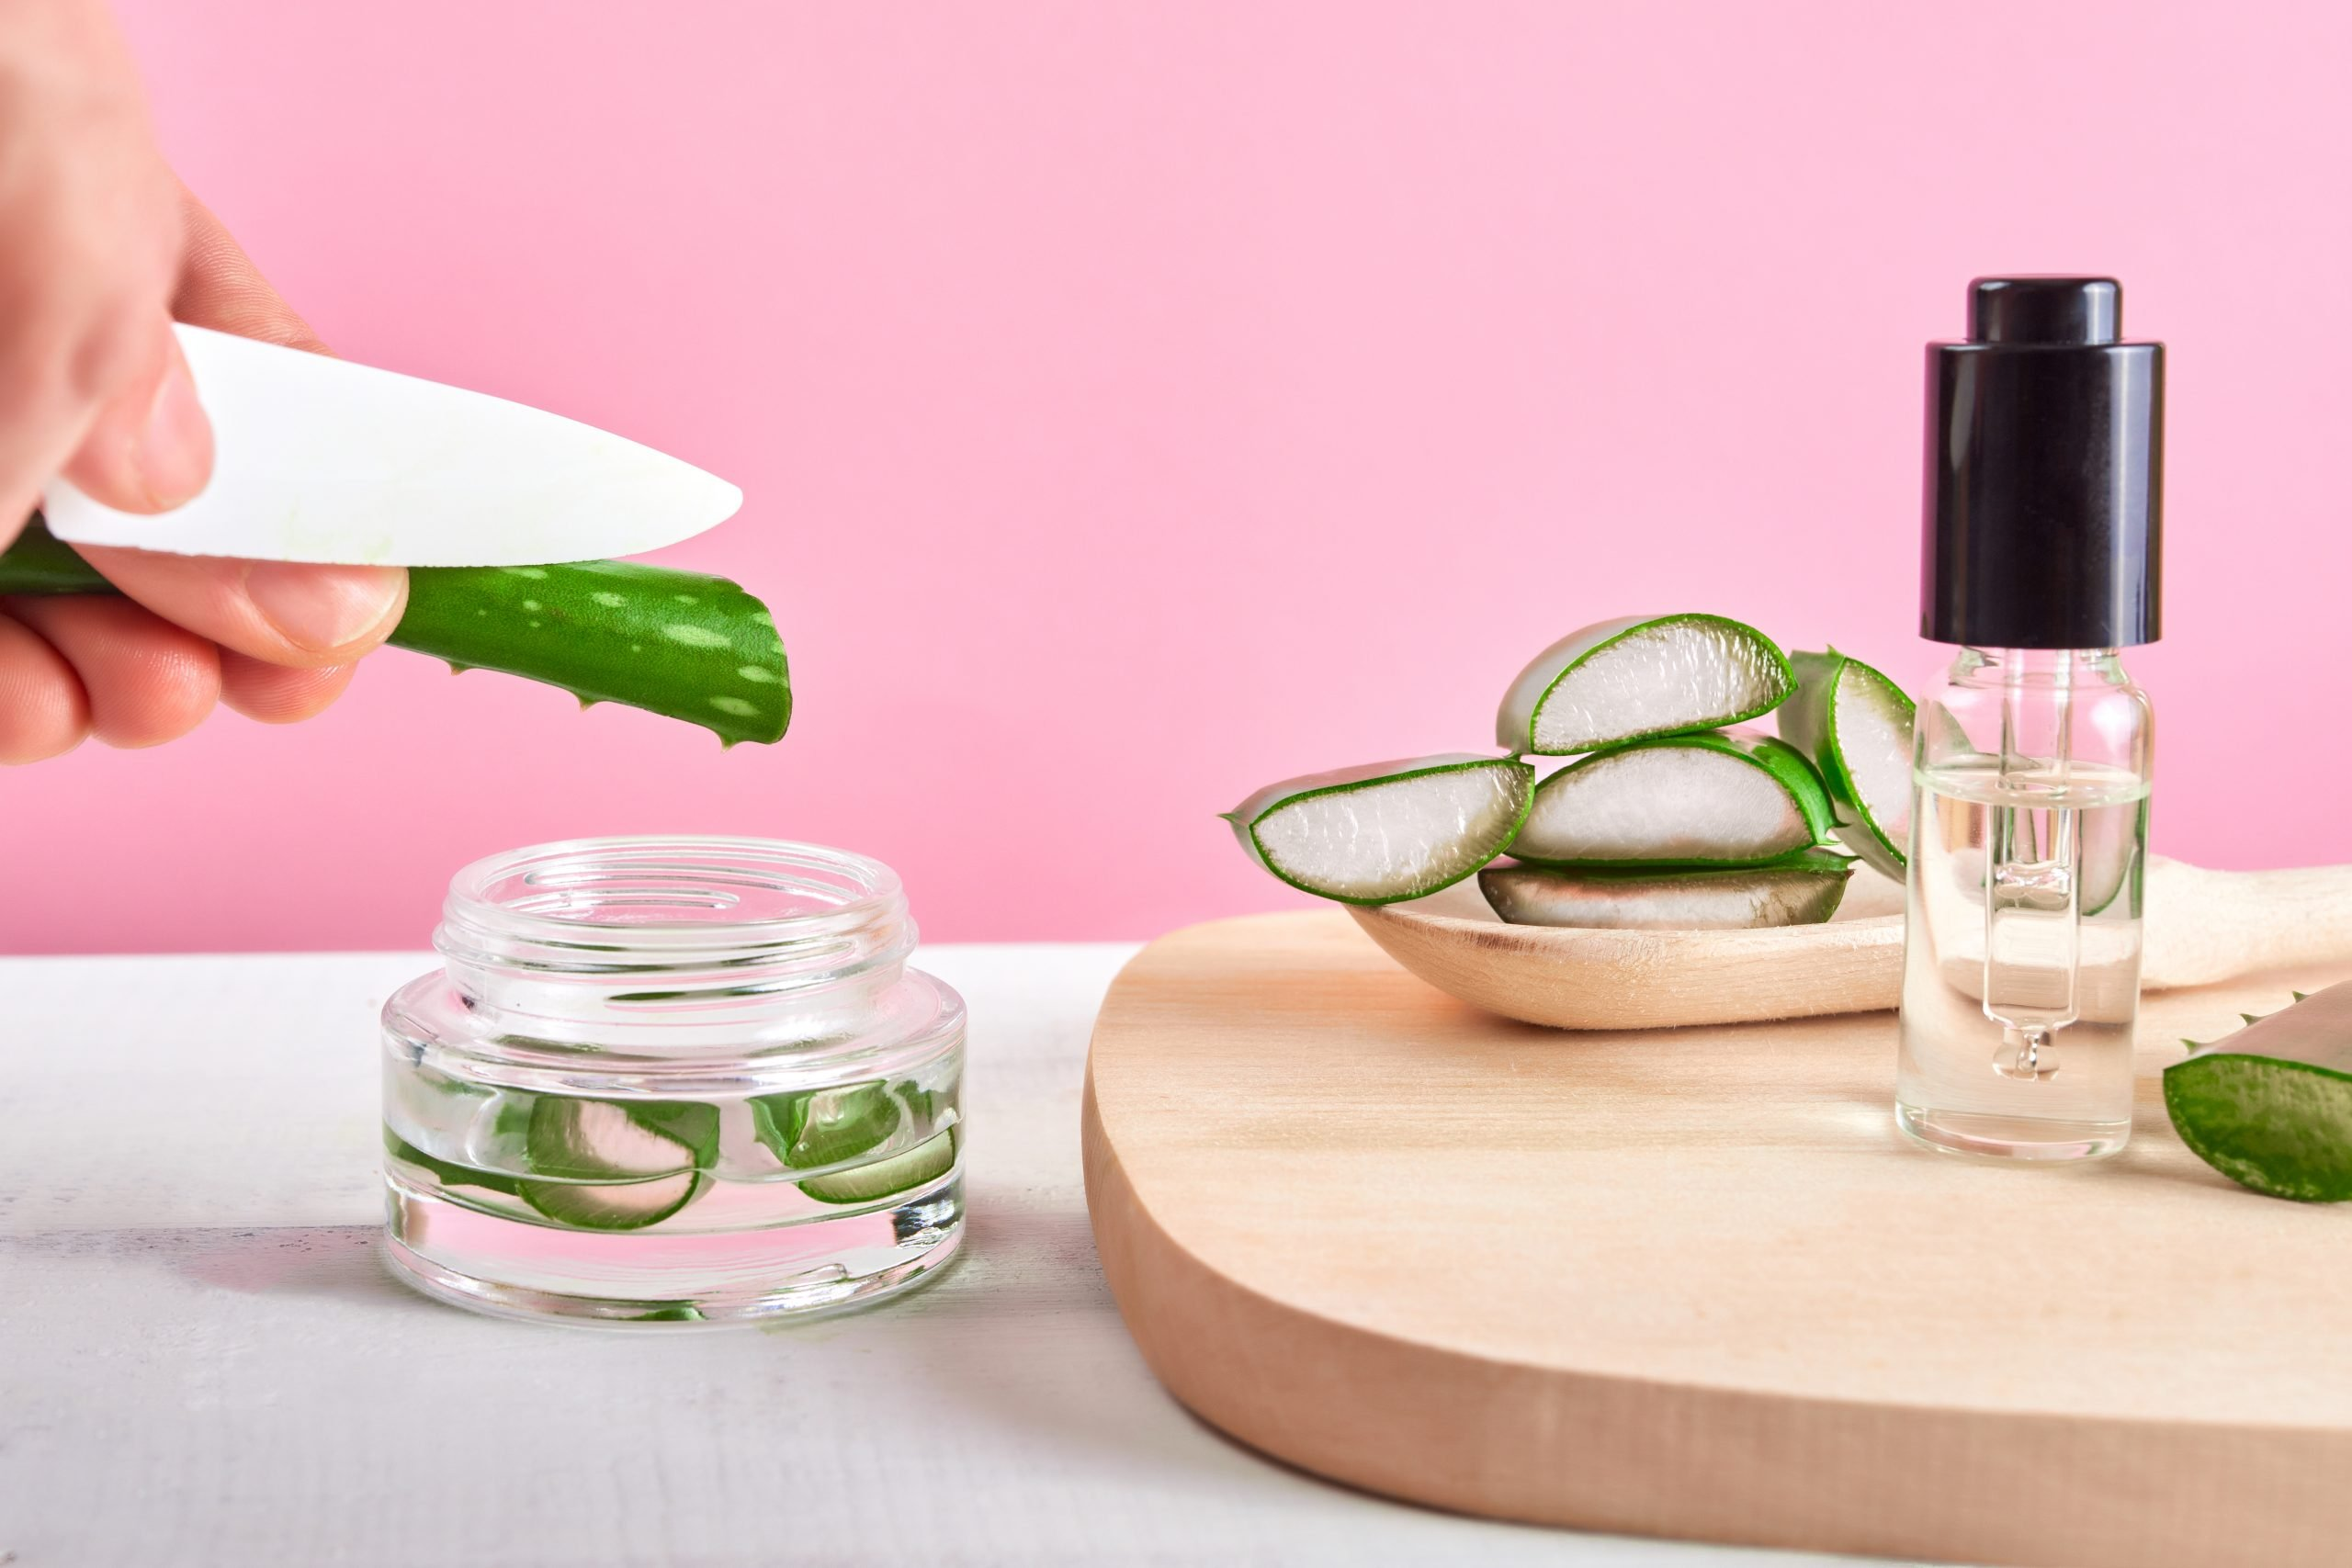 Cómo hacer gel Antibacterial Cómo hacer gel antibacterial básico